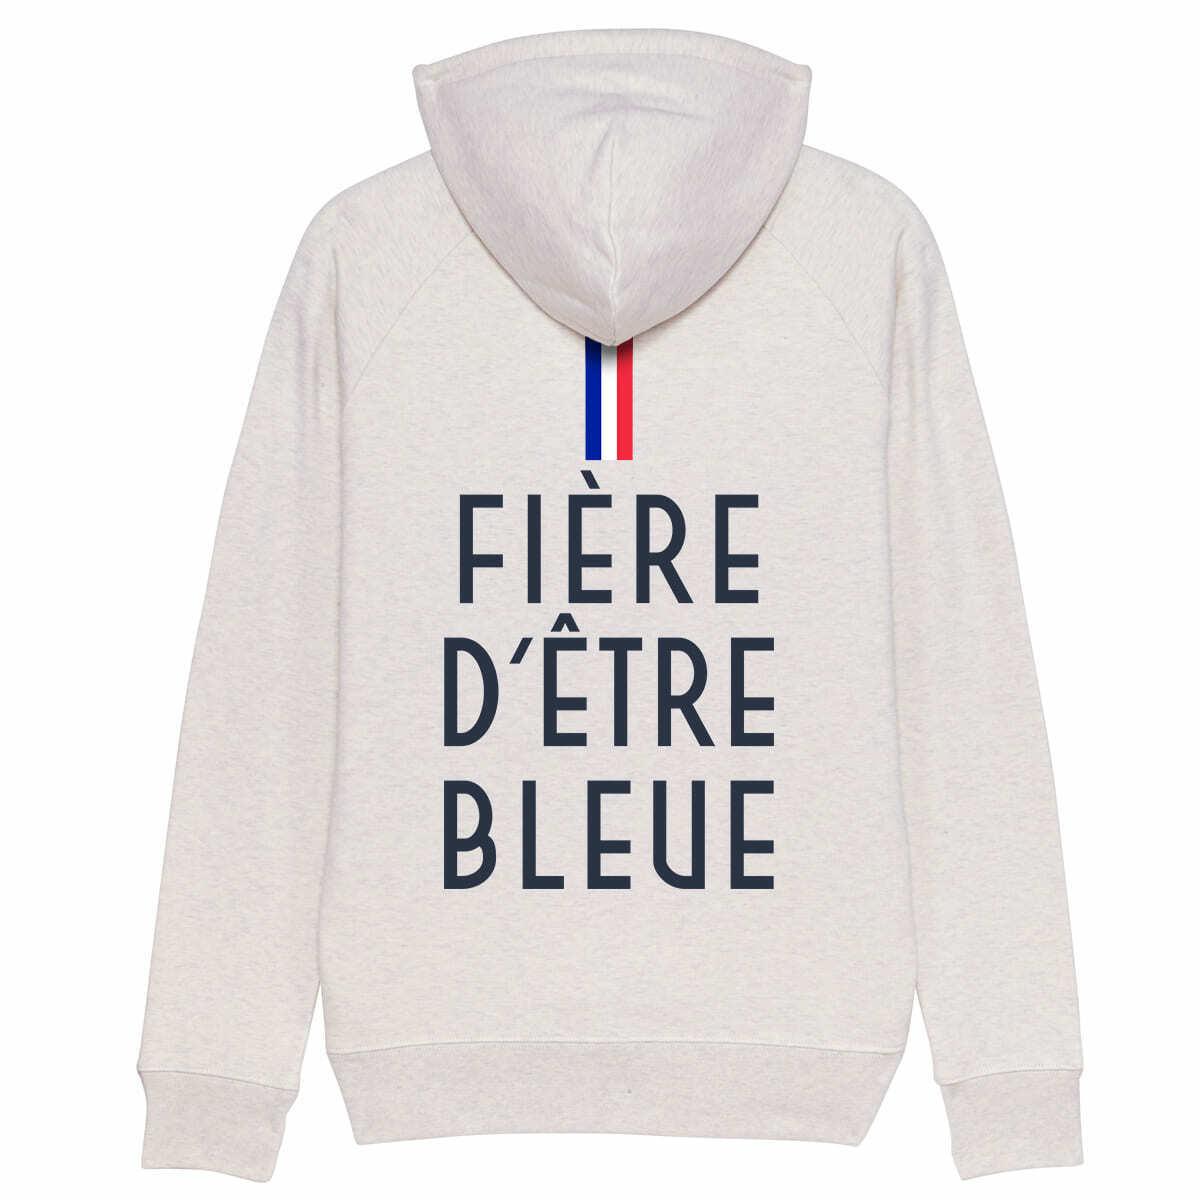 Hoodie FIÈRE D'ÊTRE D'ÊTRE D'ÊTRE bluE   France football maillot coupe du monde féminine 2019 394b9d